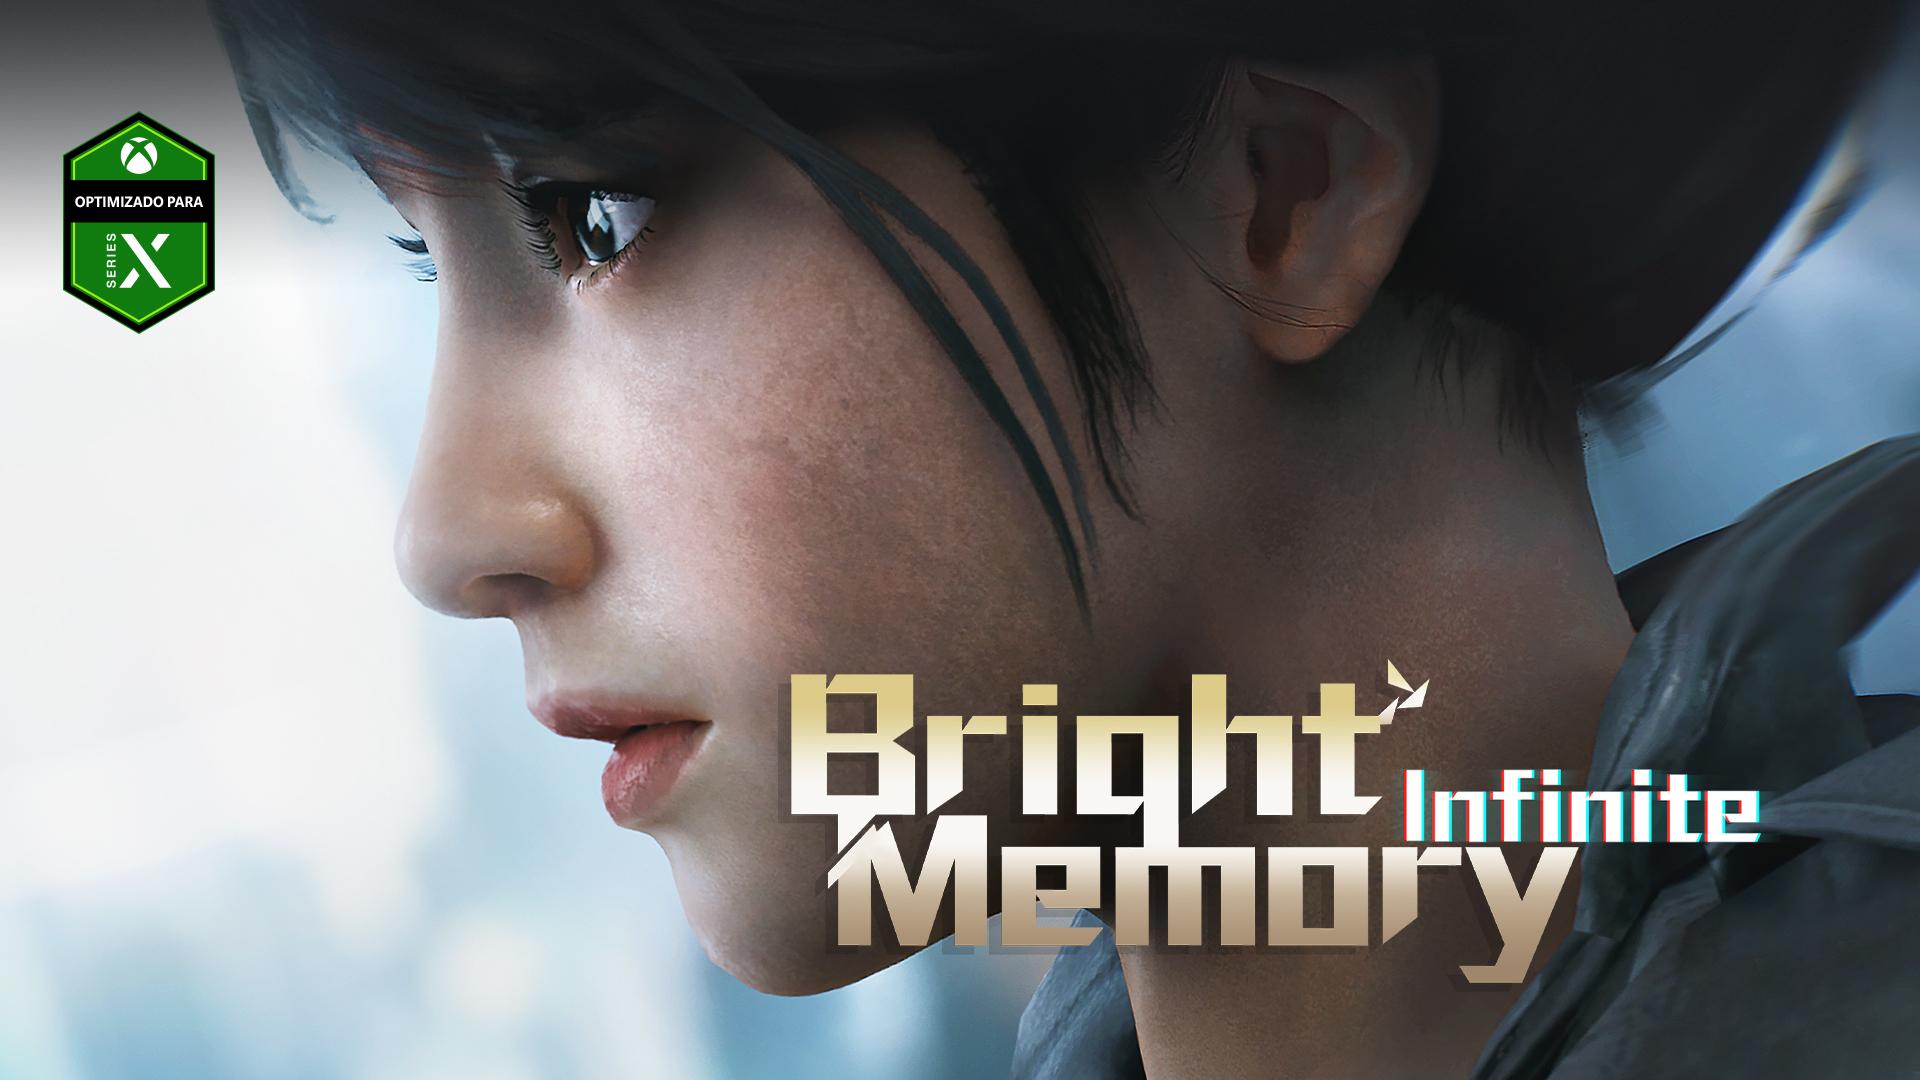 Bright Memory Infinite, Optimizado para Series X, Una mujer joven mira a lo lejos.